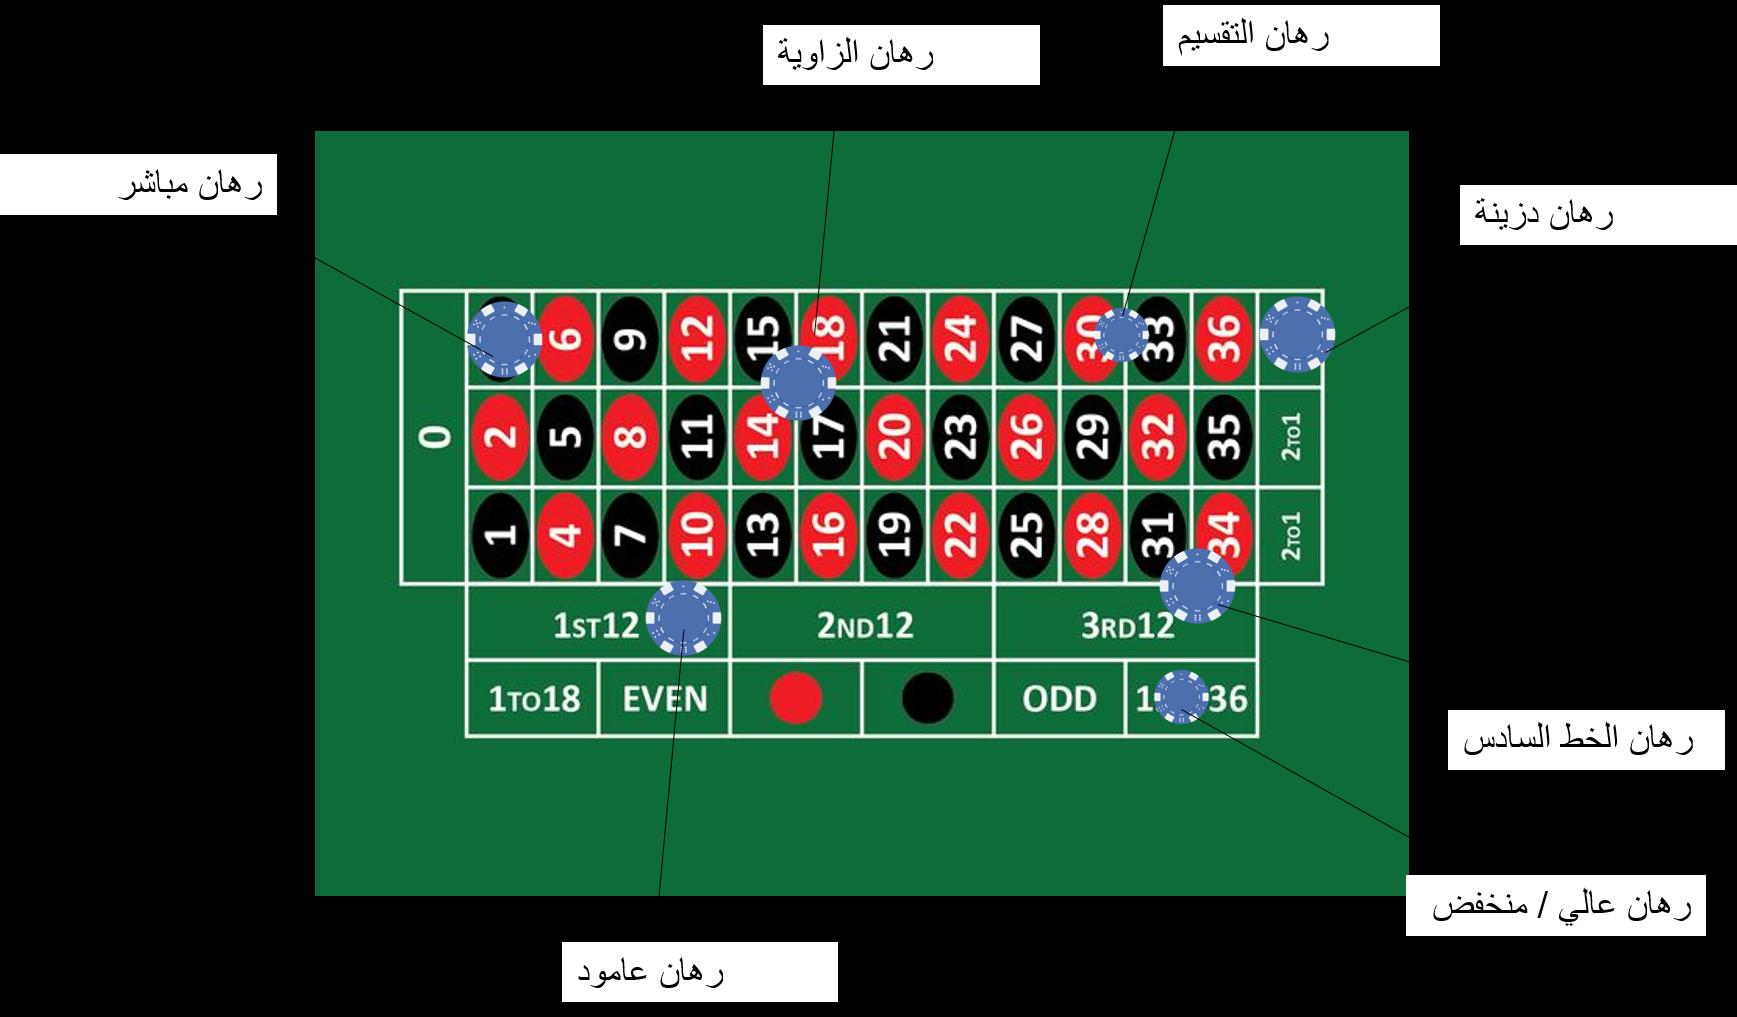 استراتيجيات تمنحك الفوز - 90440